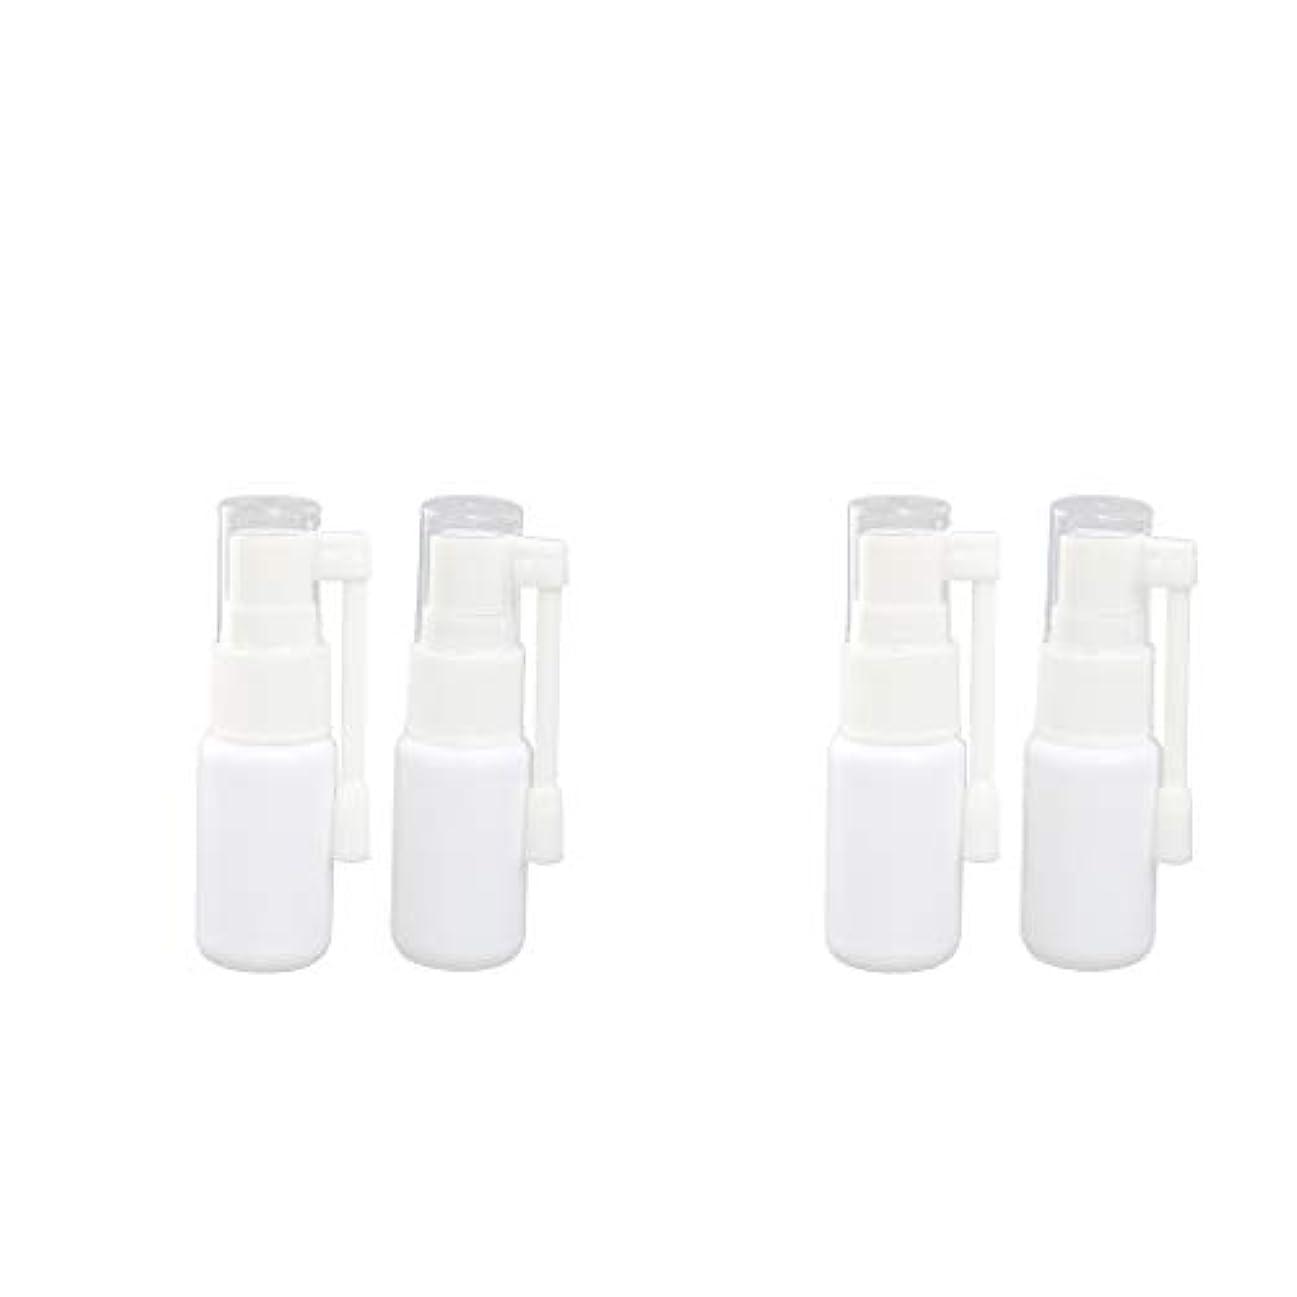 ミリメートルのホストオプションBaoblaze スプレーボトル 20ml 点鼻噴霧 アトマイザー のどスプレーボトル 細かいミスト 4個セット